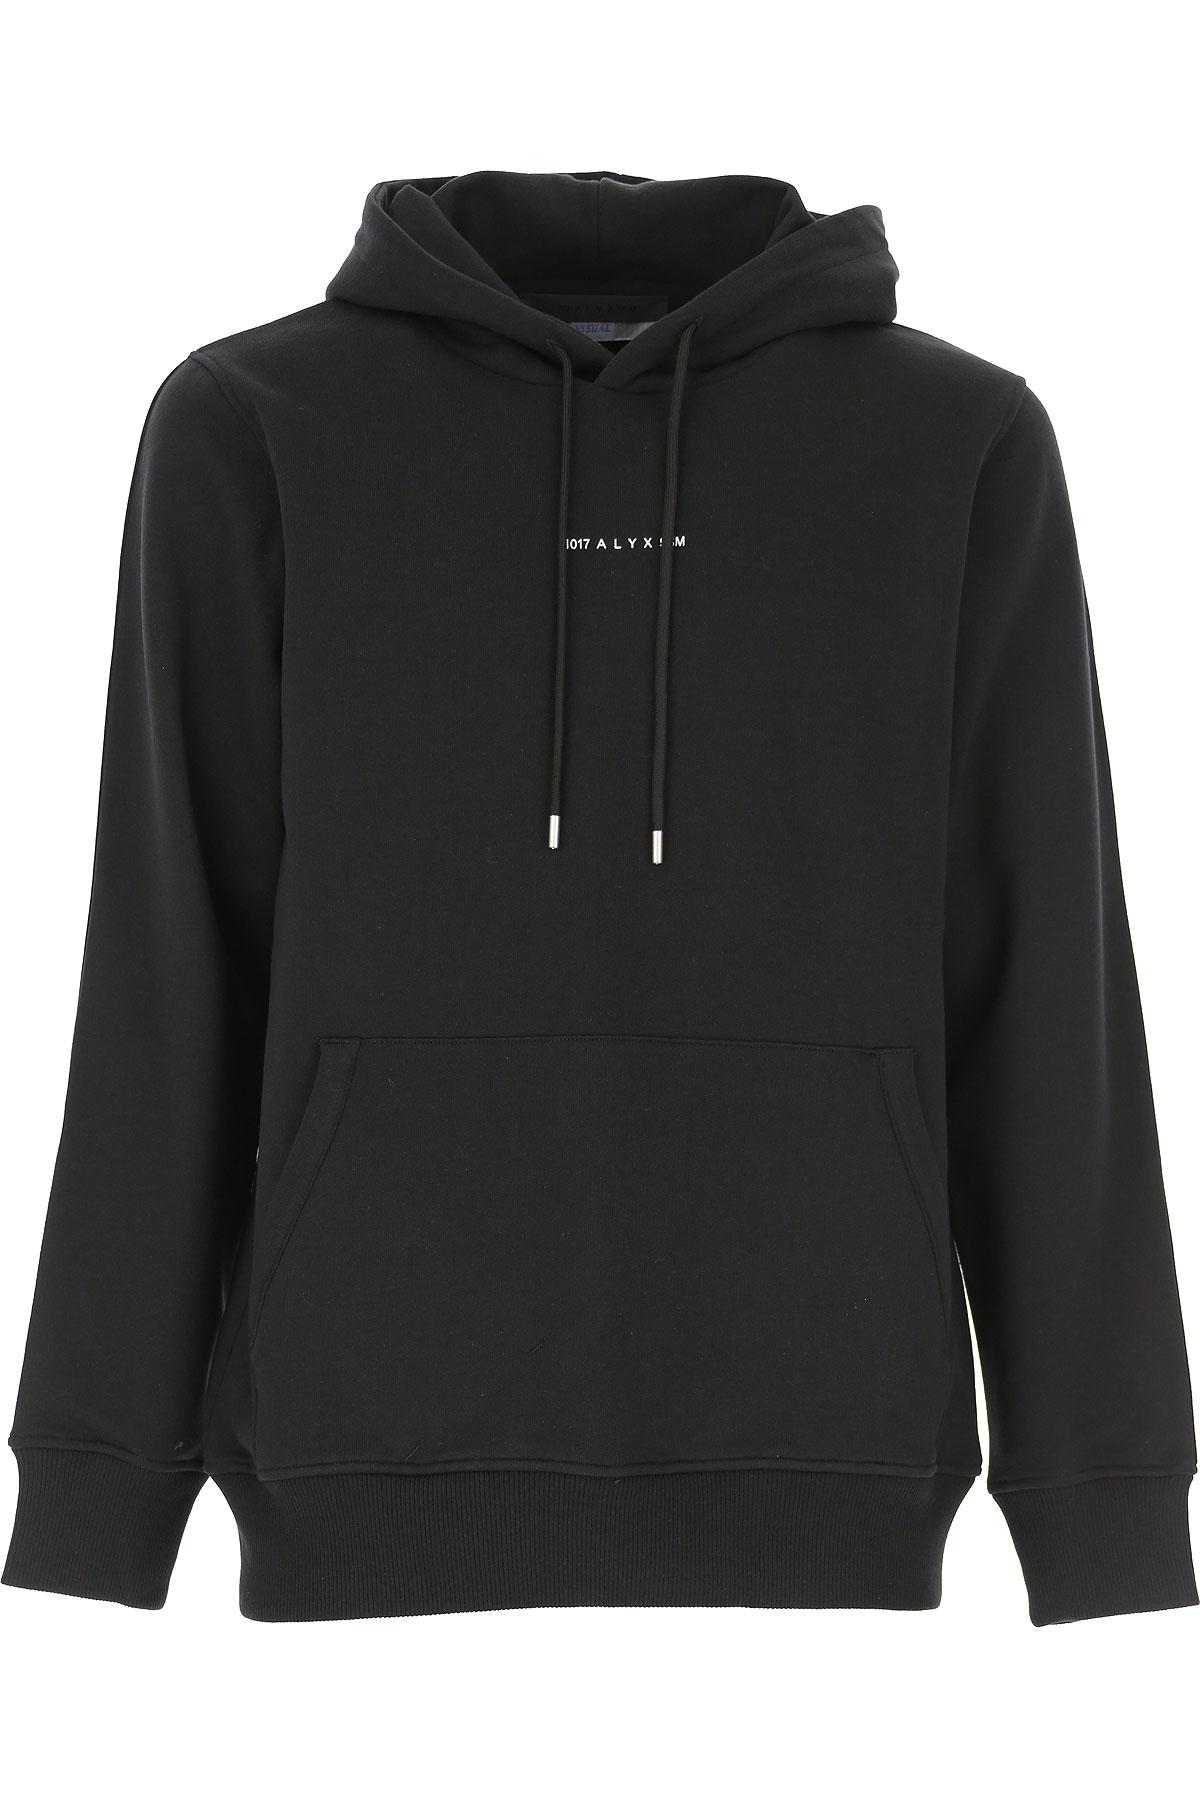 ALYX Sweatshirt for Men On Sale, Black, Cotton, 2019, L M S XL